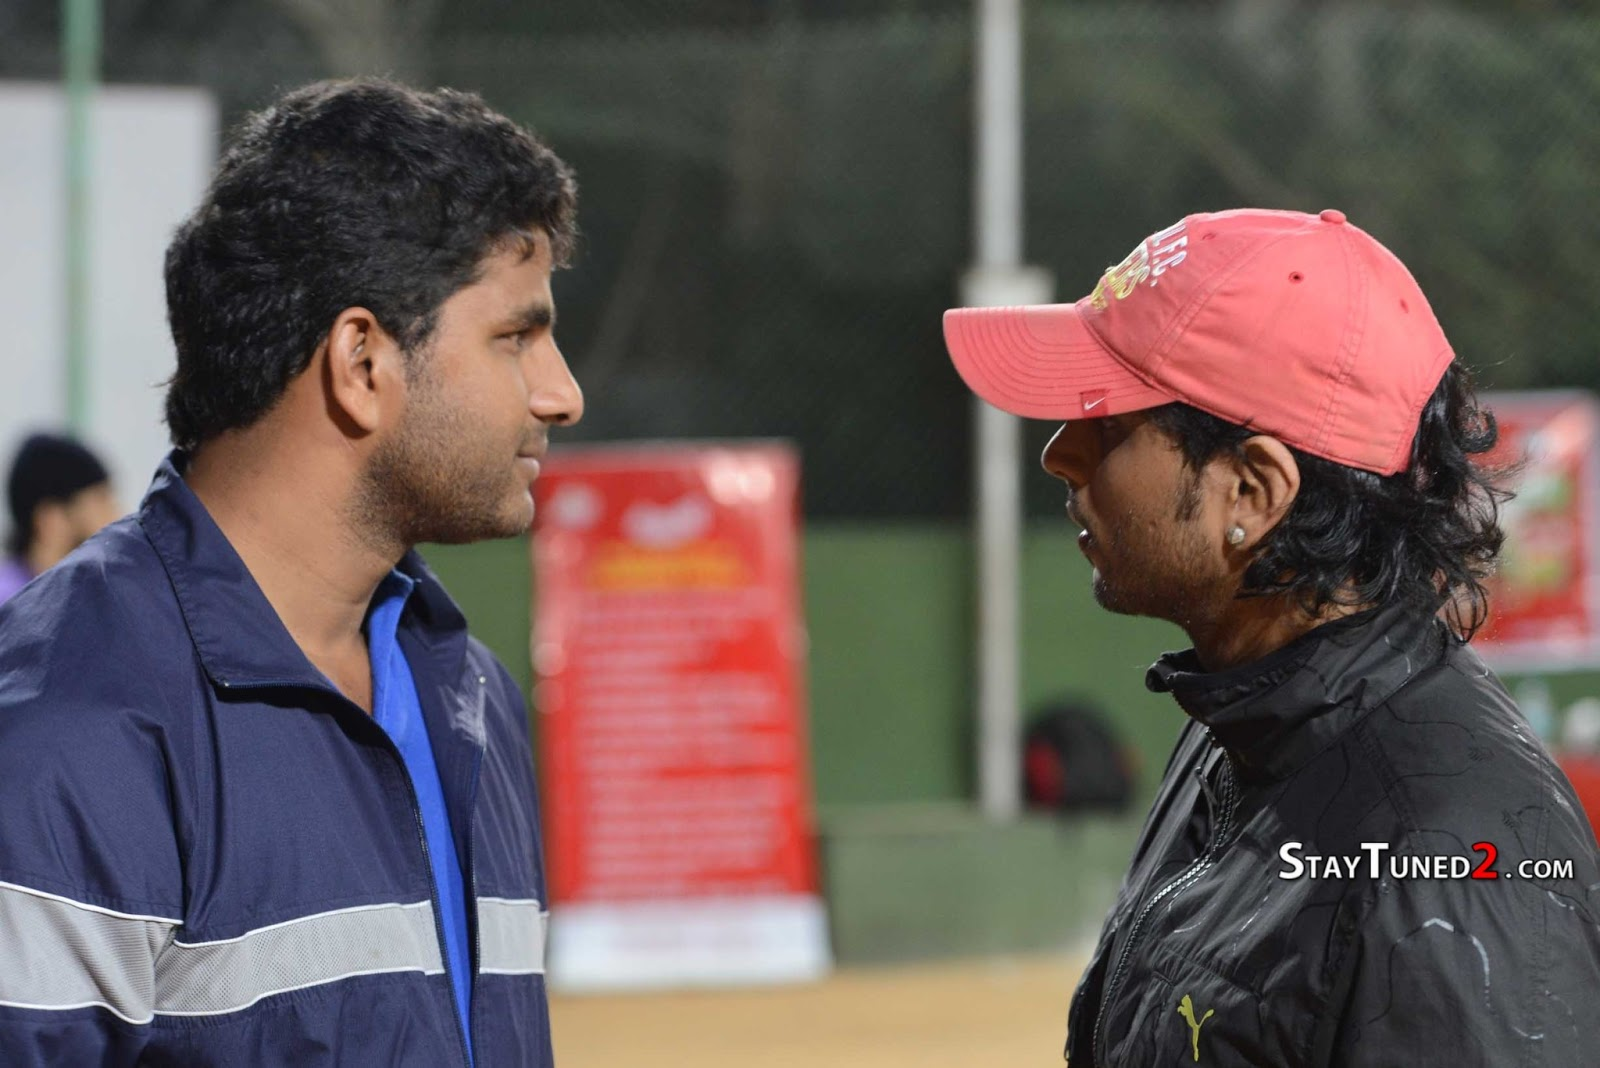 http://3.bp.blogspot.com/-e7GmusiI87k/URNNO3LdRrI/AAAAAAAAFQQ/c8jjp3OD4eU/s1600/Telugu-Warriors-Practicing-For-CCL-3-At-In-Sportz-Stadium-20.jpg